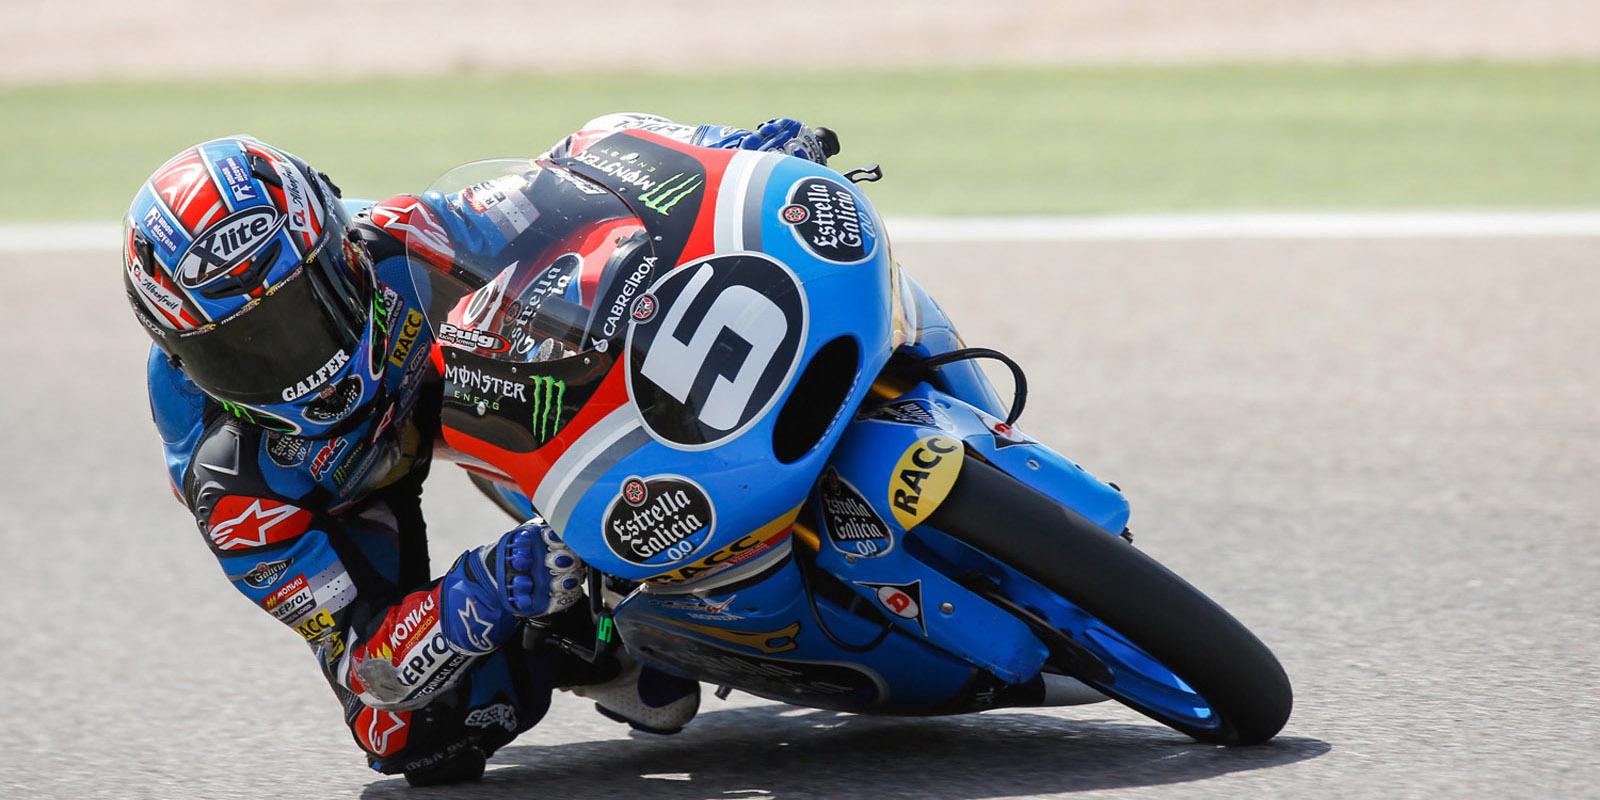 Emocionante fin de semana de motociclismo en Jerez